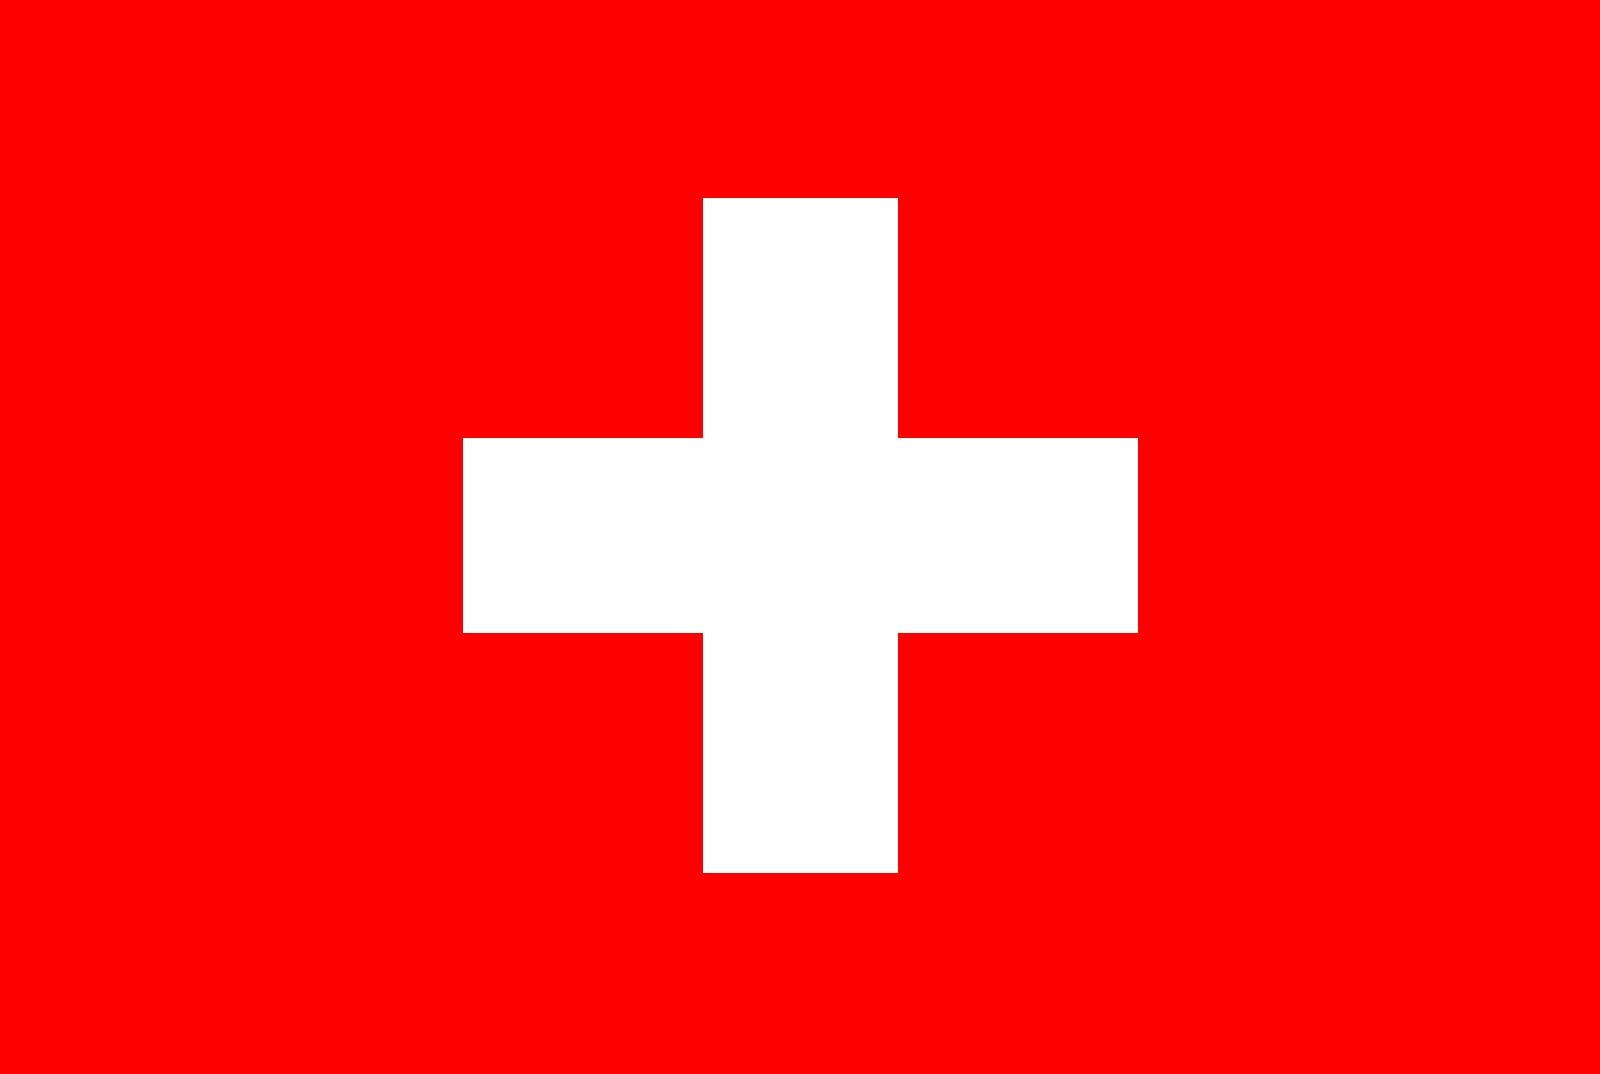 Vlag Zwitserland Opsneeuwvakantie